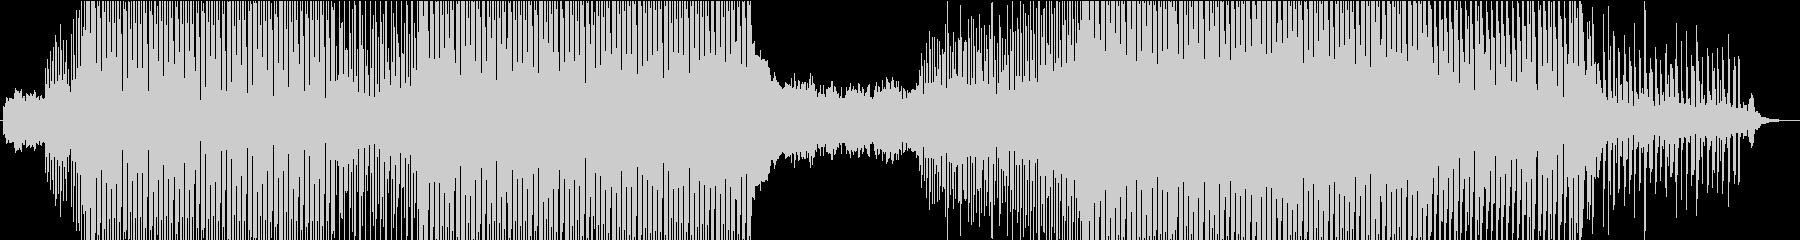 美しいピアノのメロディーと堅実で高...の未再生の波形